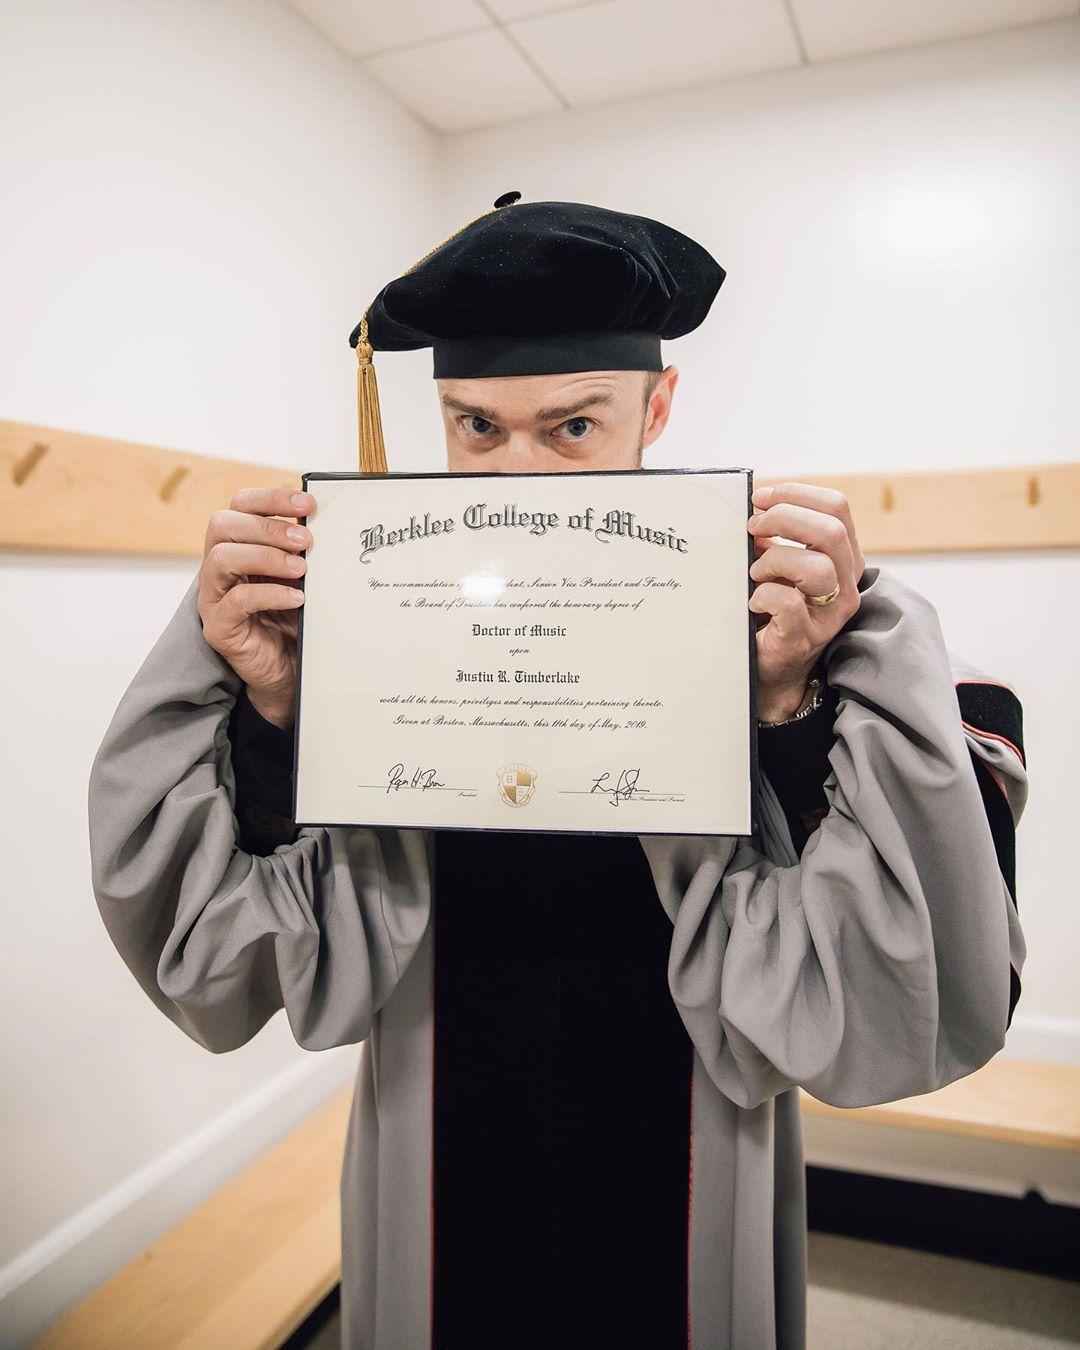 Джастин Тимберлейк получил докторскую степень-Фото 1